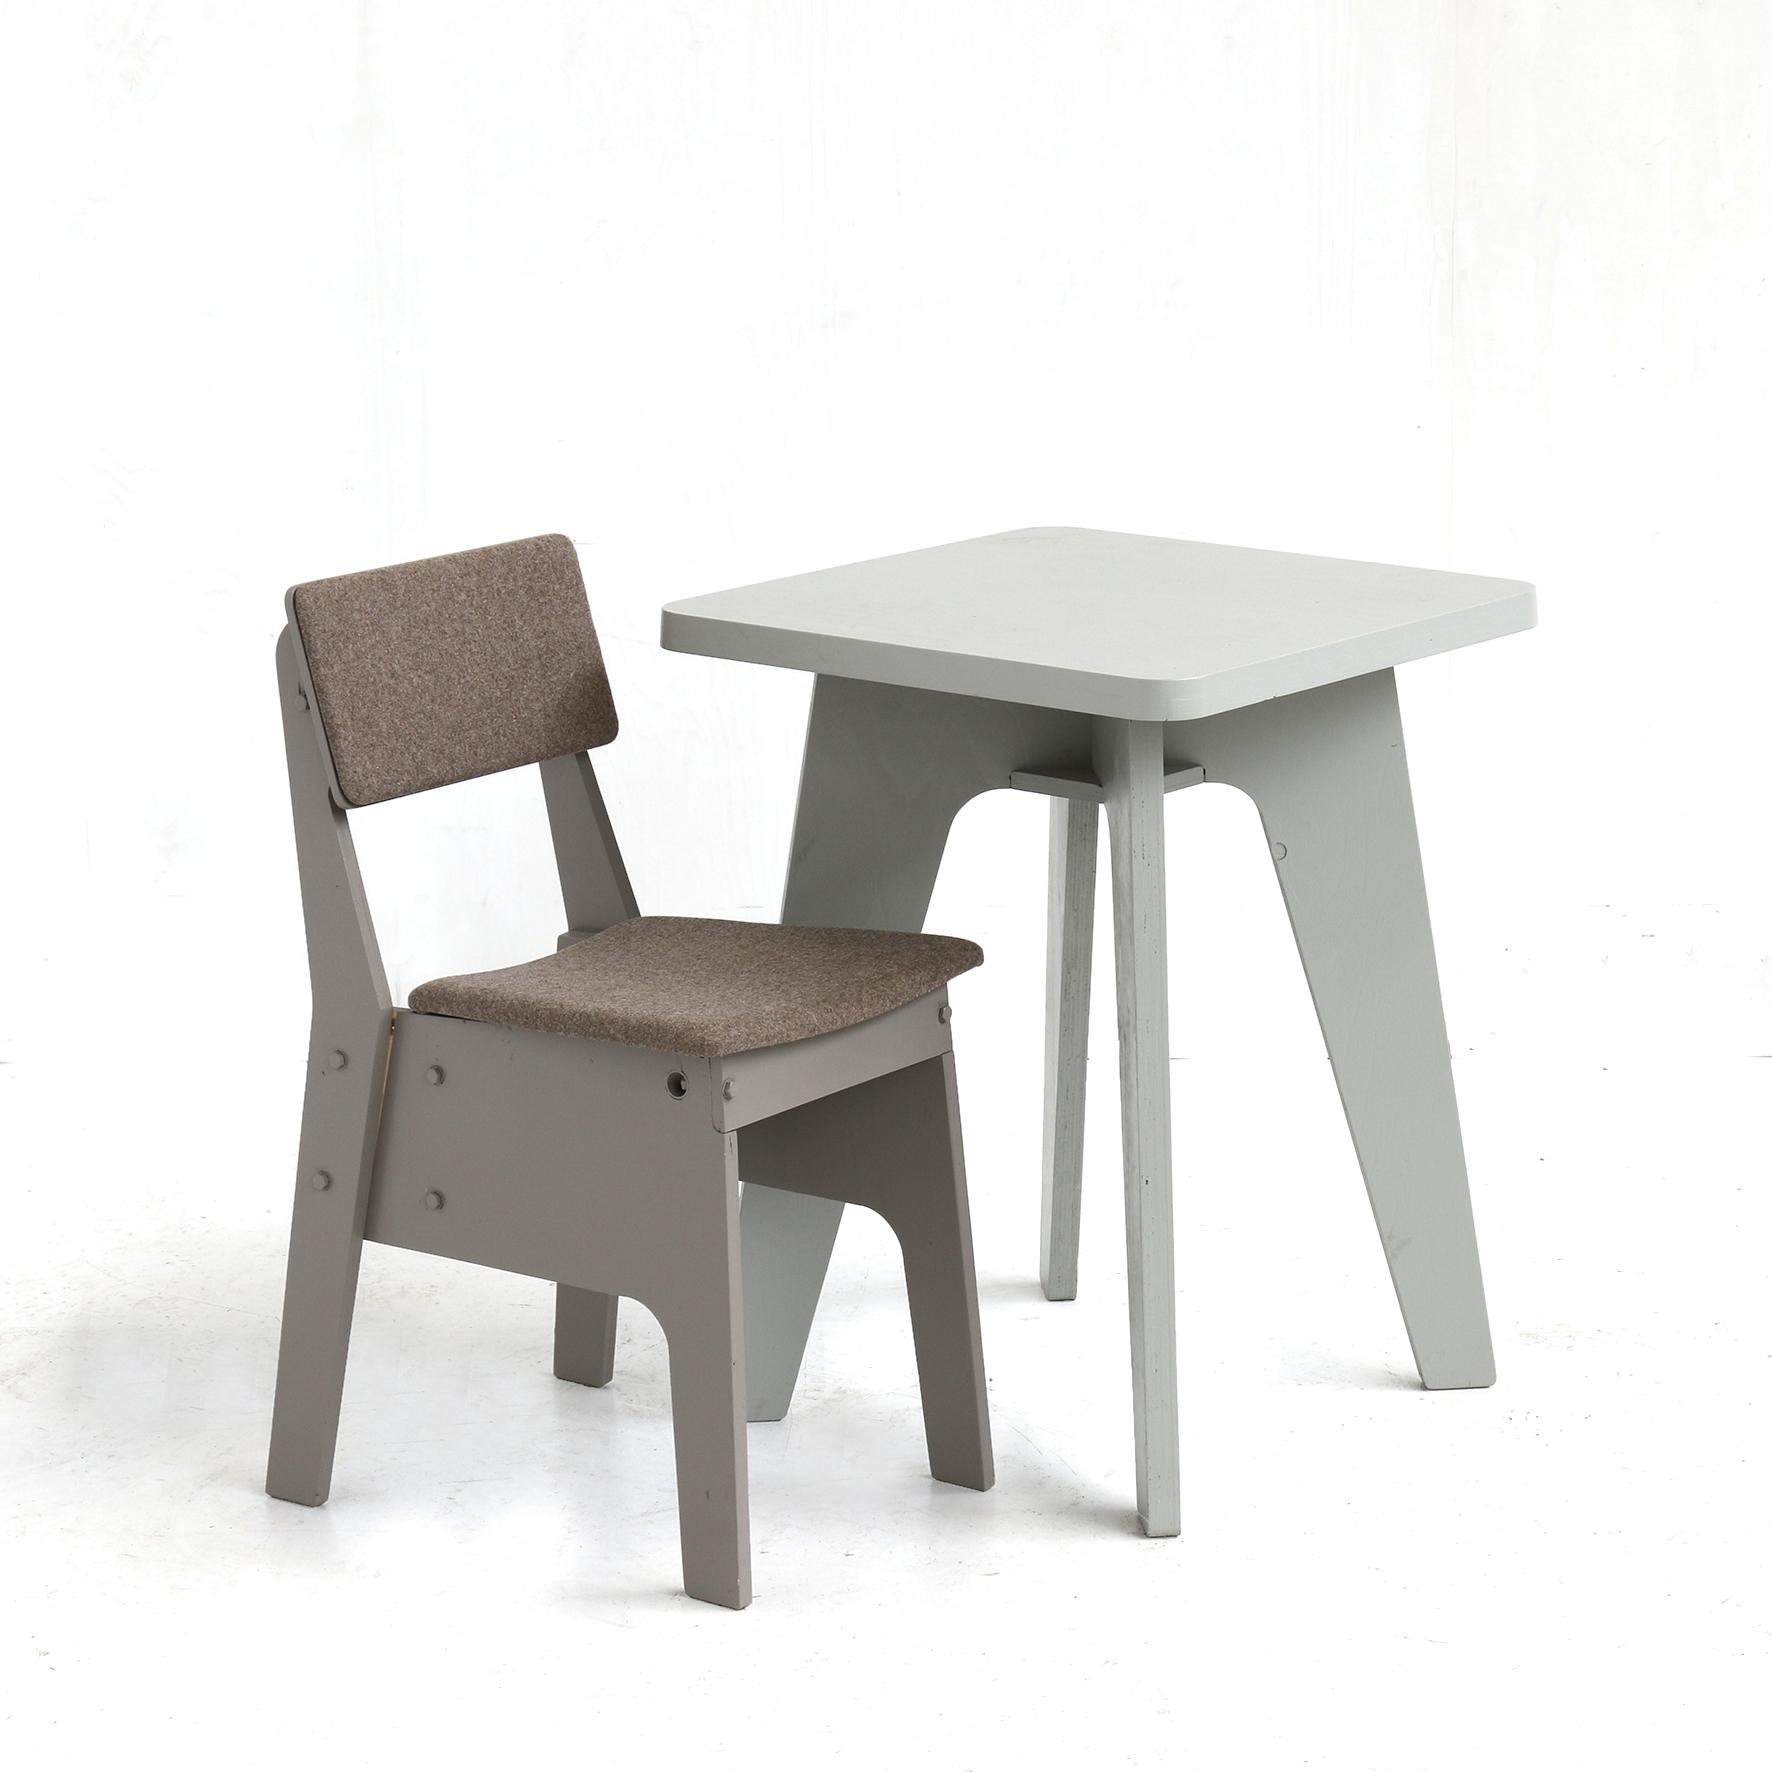 risis-stoel-gestoffeerd-grijs - chair upholstered - grey